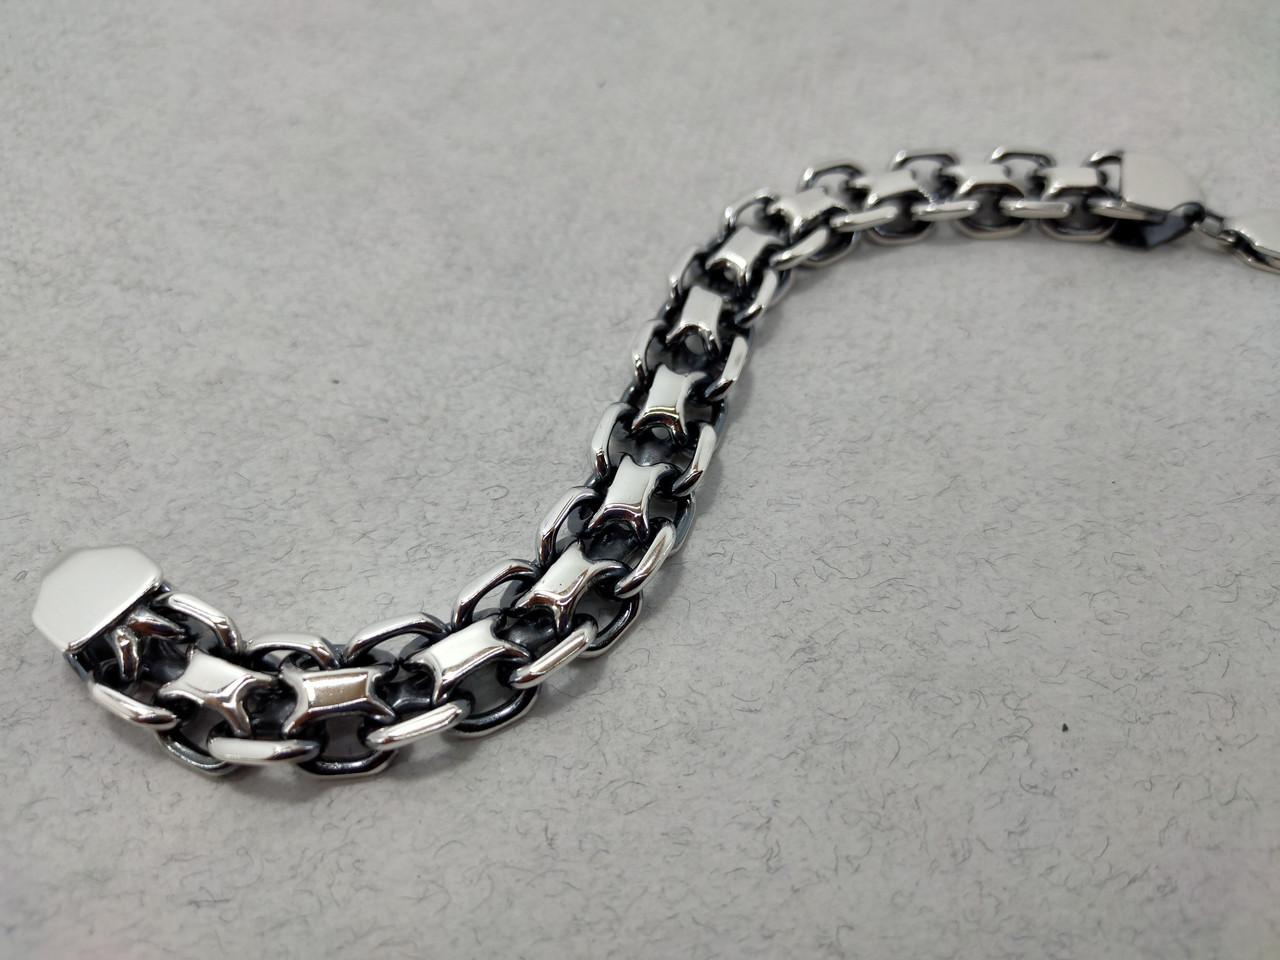 Серебряный браслет якорного плетения двойной (двойной якорь), 20 см., 61 гр.